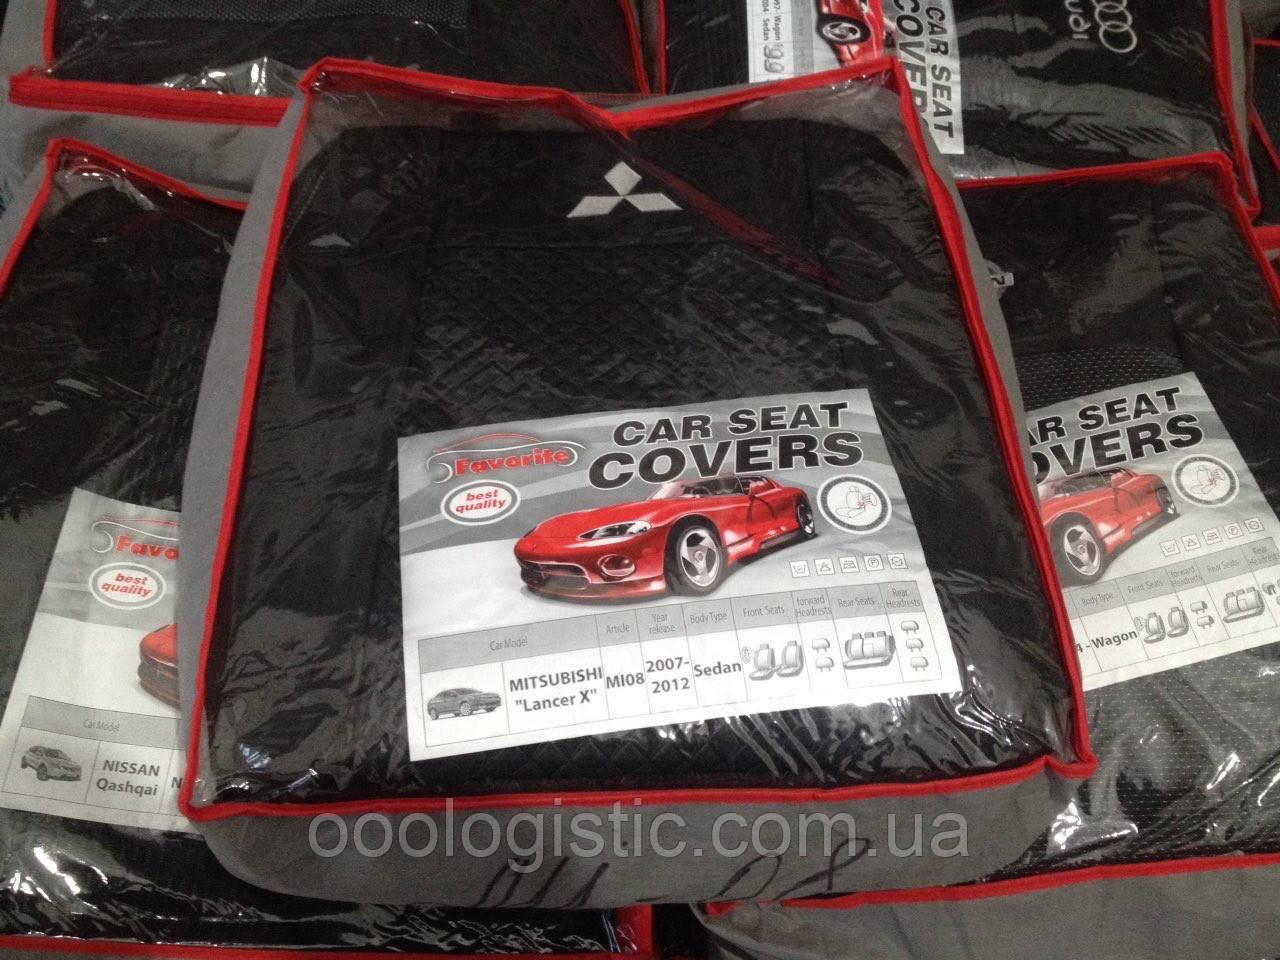 Авточехлы Favorite на Mitsubishi Lancer X 2007-2012 sedan,Мицубиси Лансер Х модельный комплект